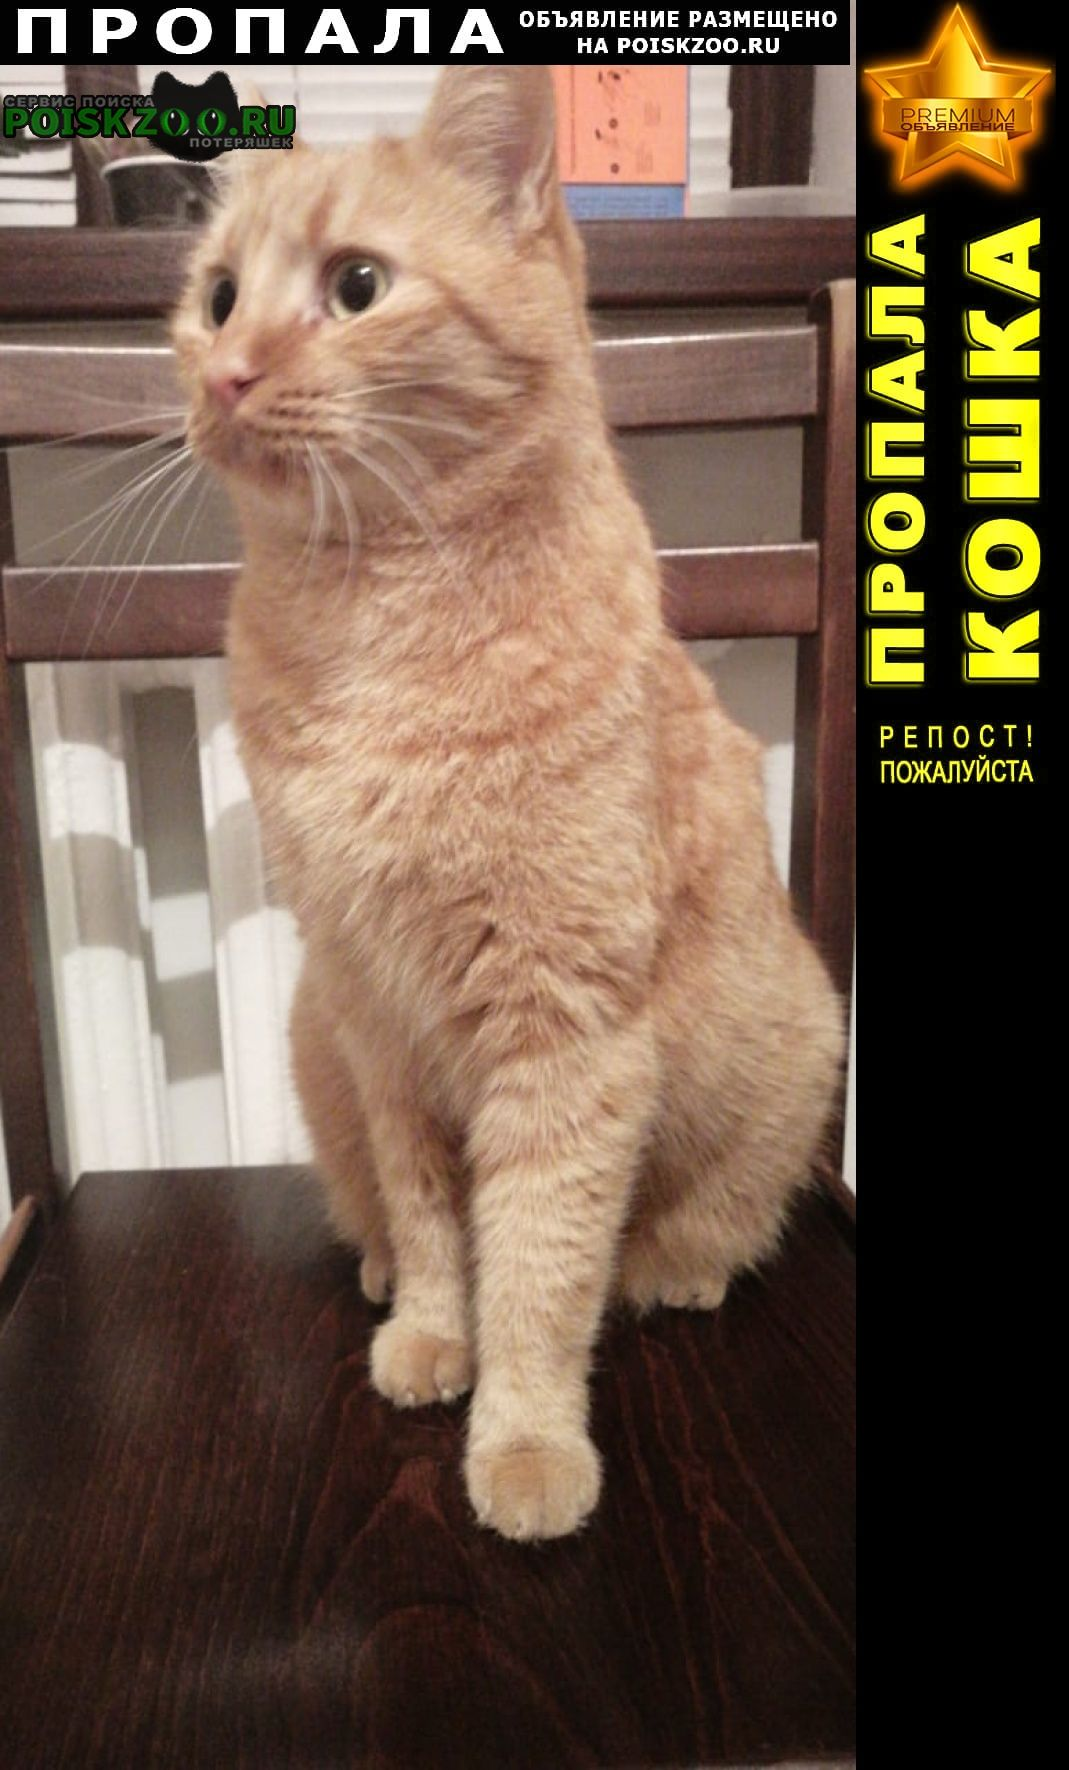 Пропала кошка кот Новороссийск